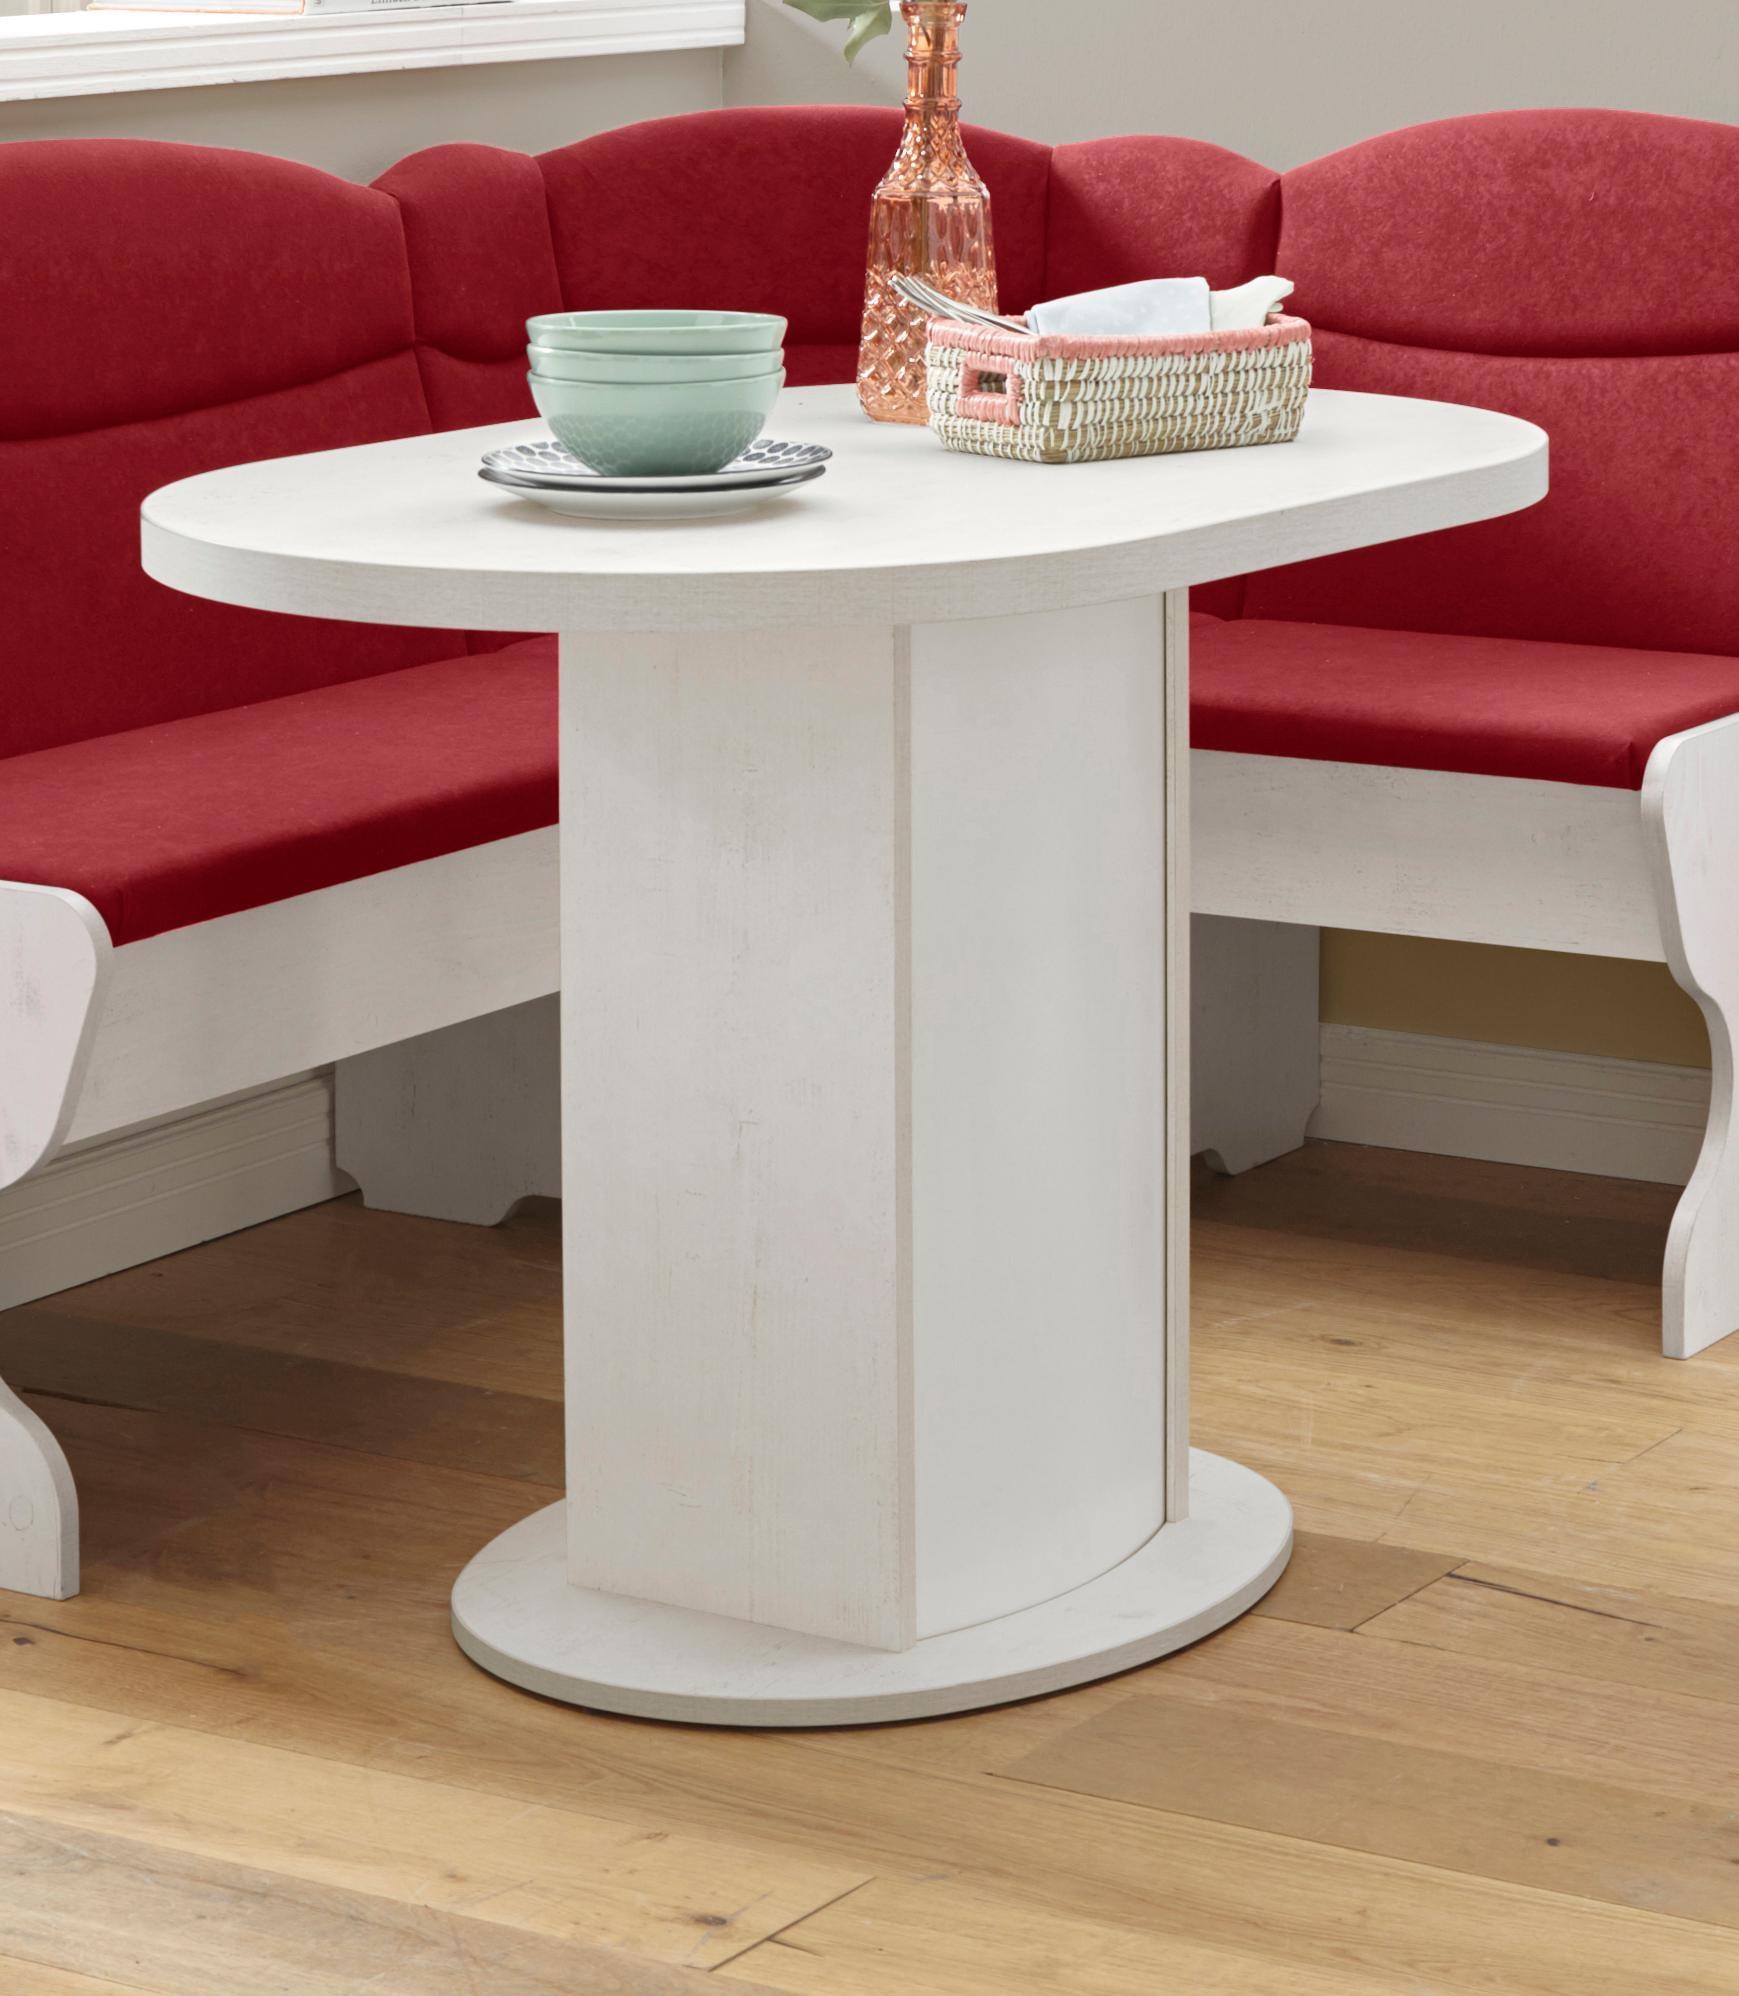 Säulen-Esstisch Apollon 2 Wohnen/Möbel/Tische/Esstische/Säulentische